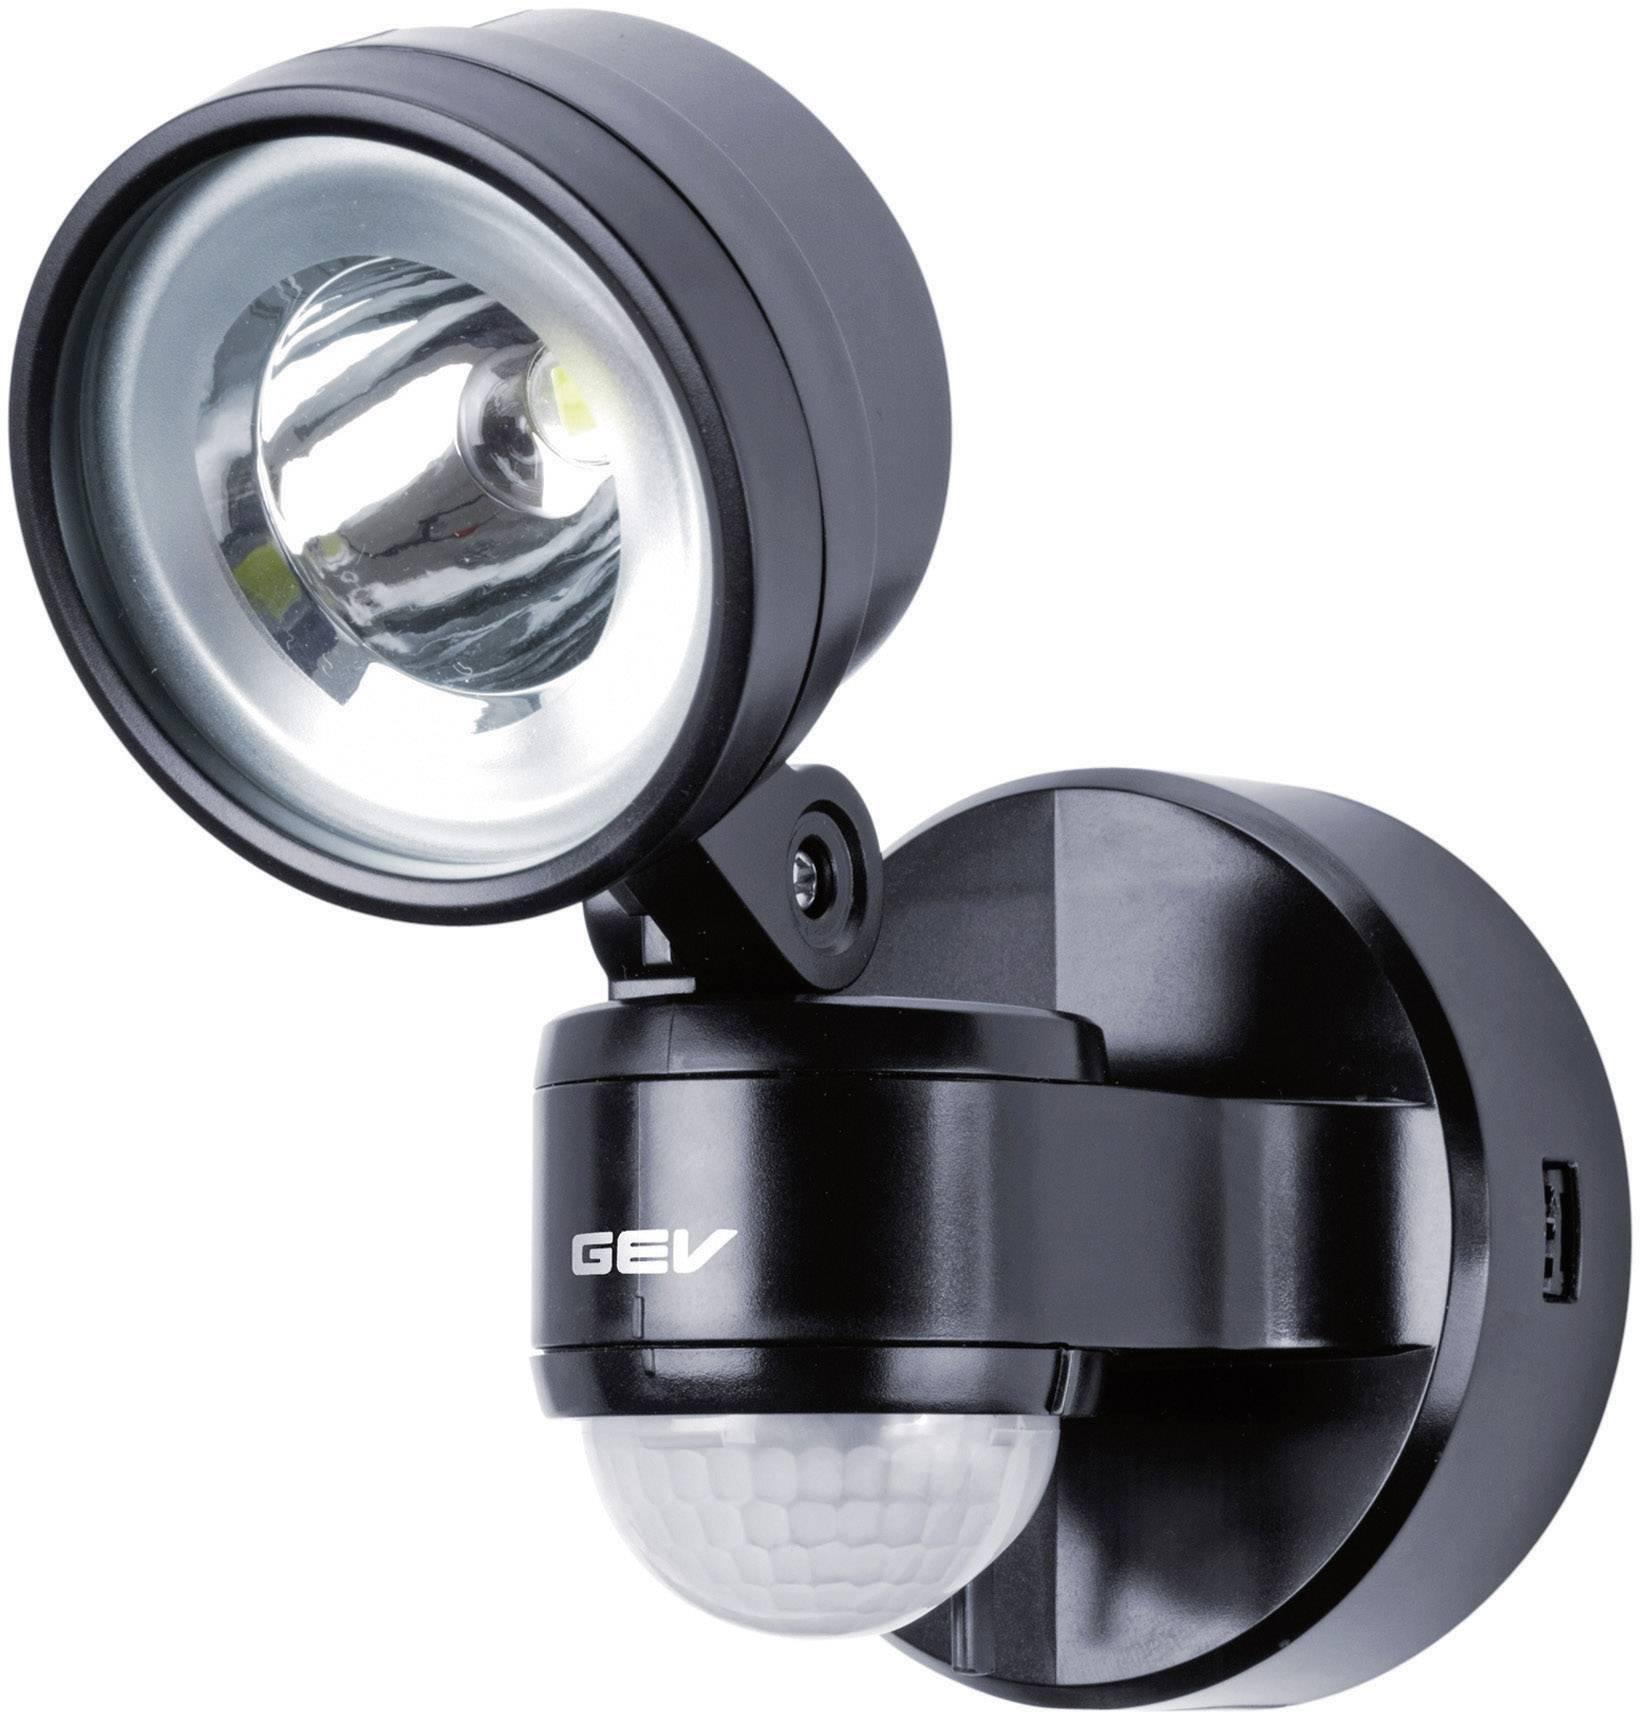 LEDvonkajšieosvetlenie s PIR senzorom GEV LLL 14701 014701, 4 W, neutrálne biela, čierna